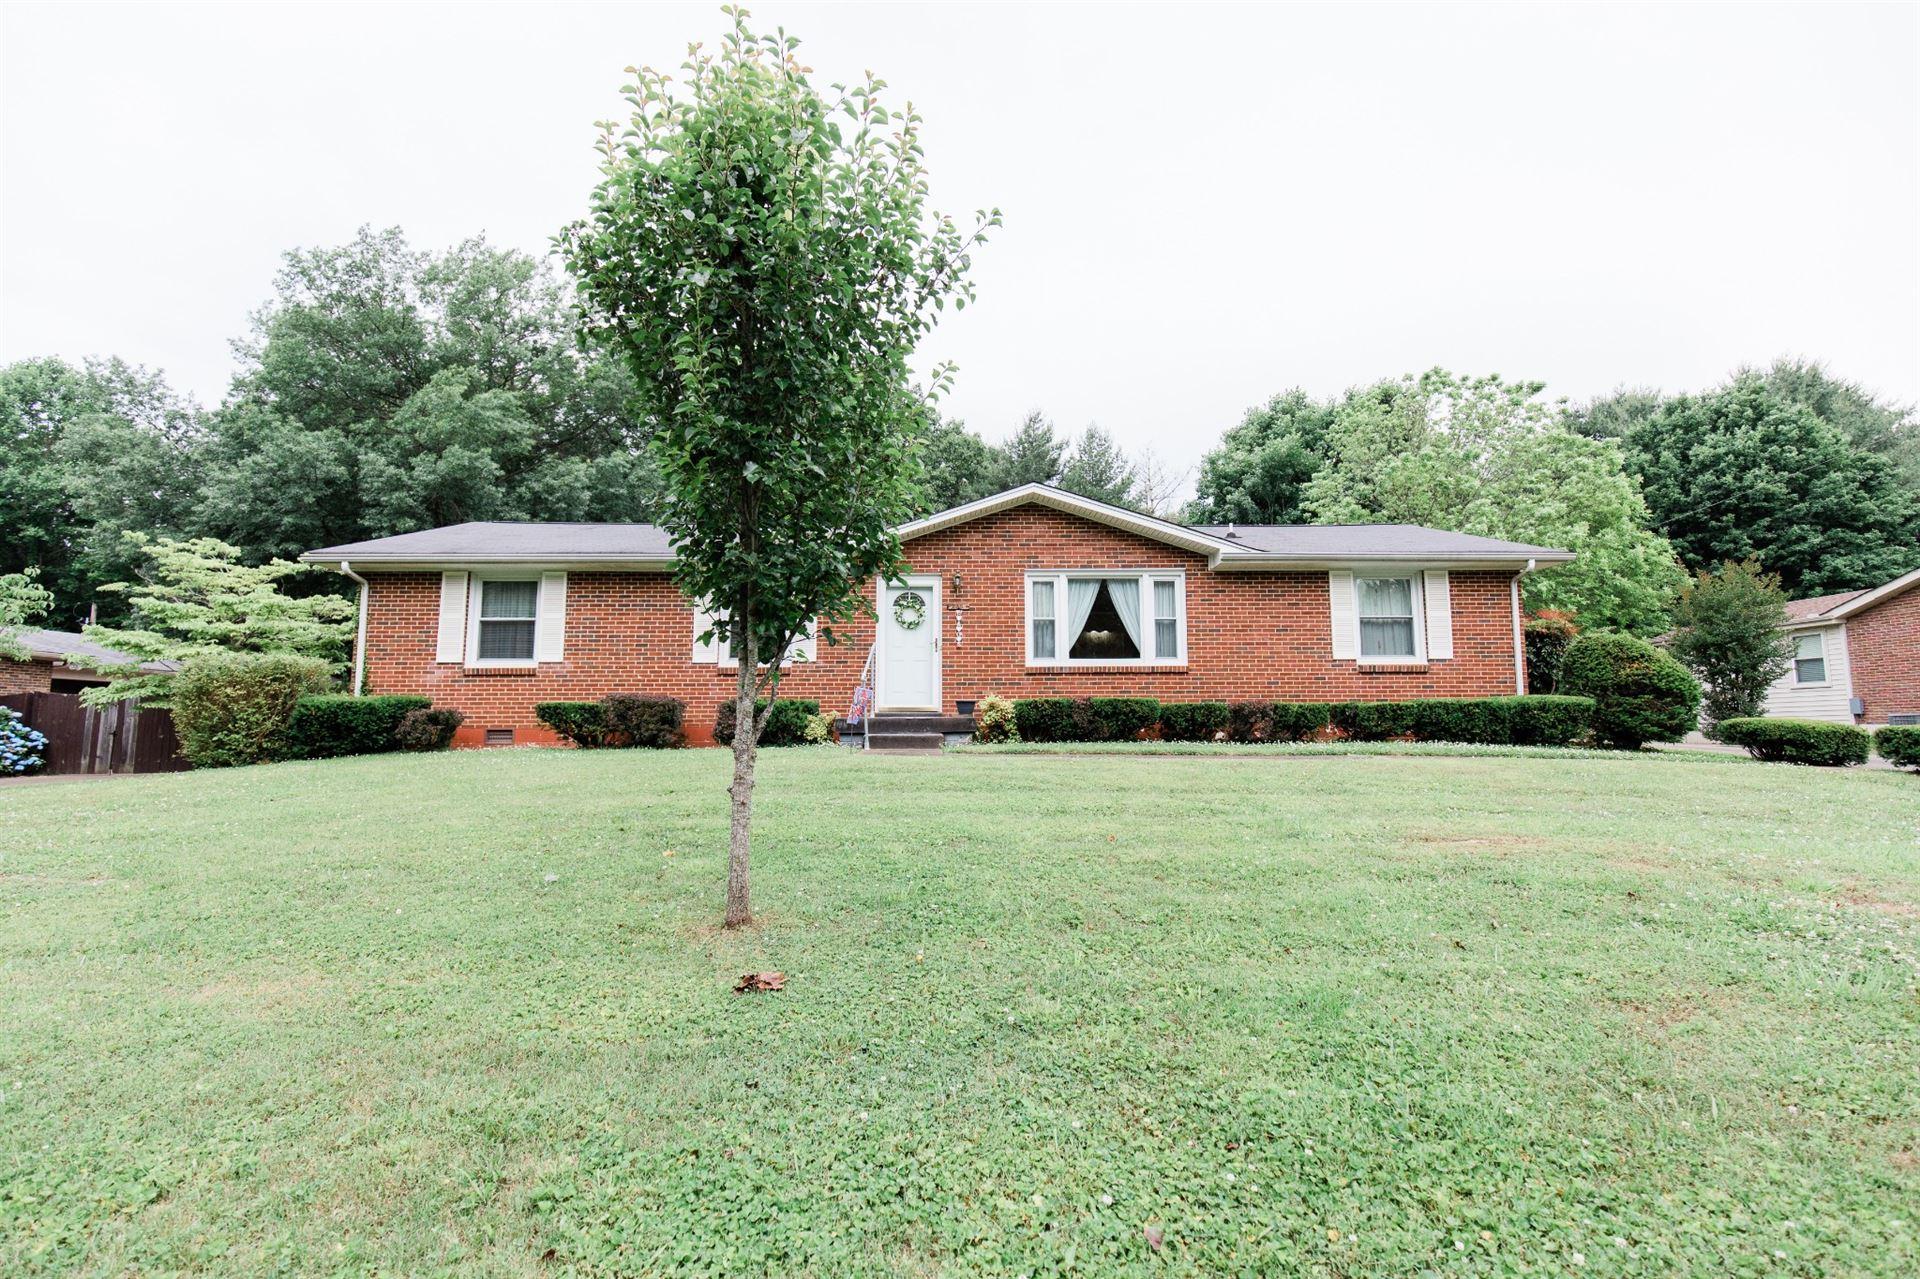 136 W Park Dr, Clarksville, TN 37043 - MLS#: 2259886